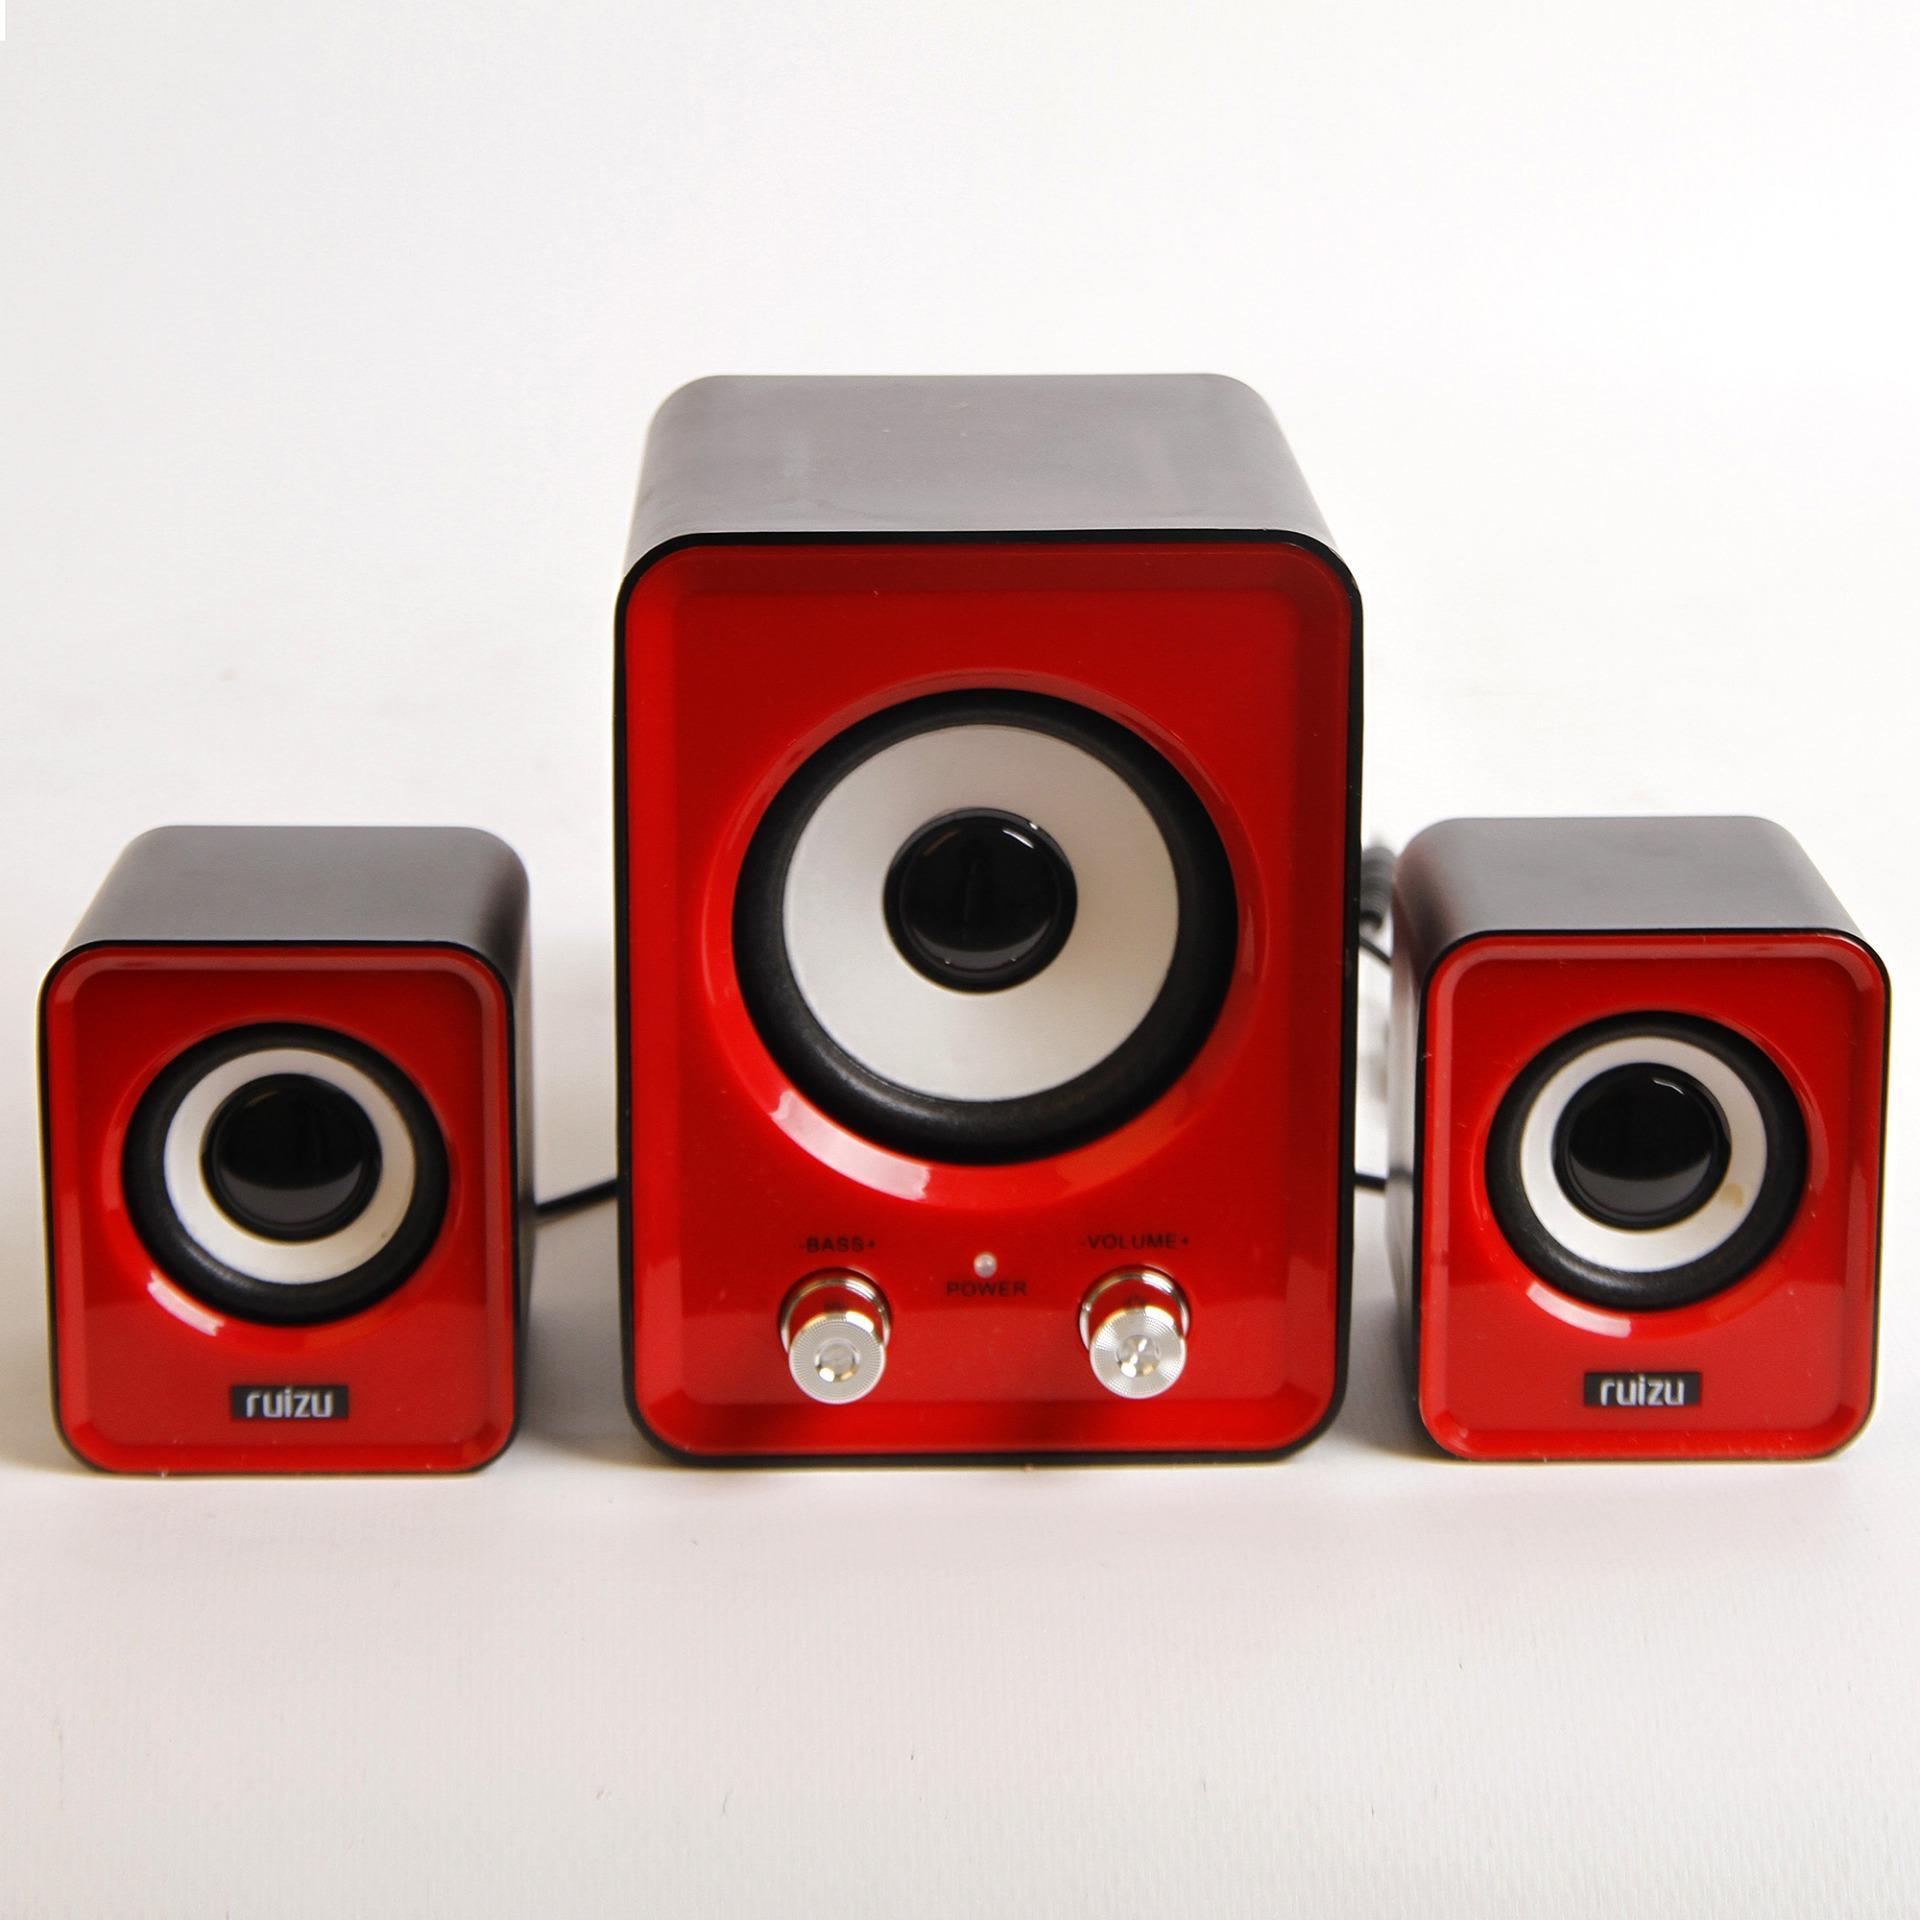 Dàn loa vi tính 2.1 Multimedia 3D Sound RUIZU G20 – Hãng phân phối chính thức